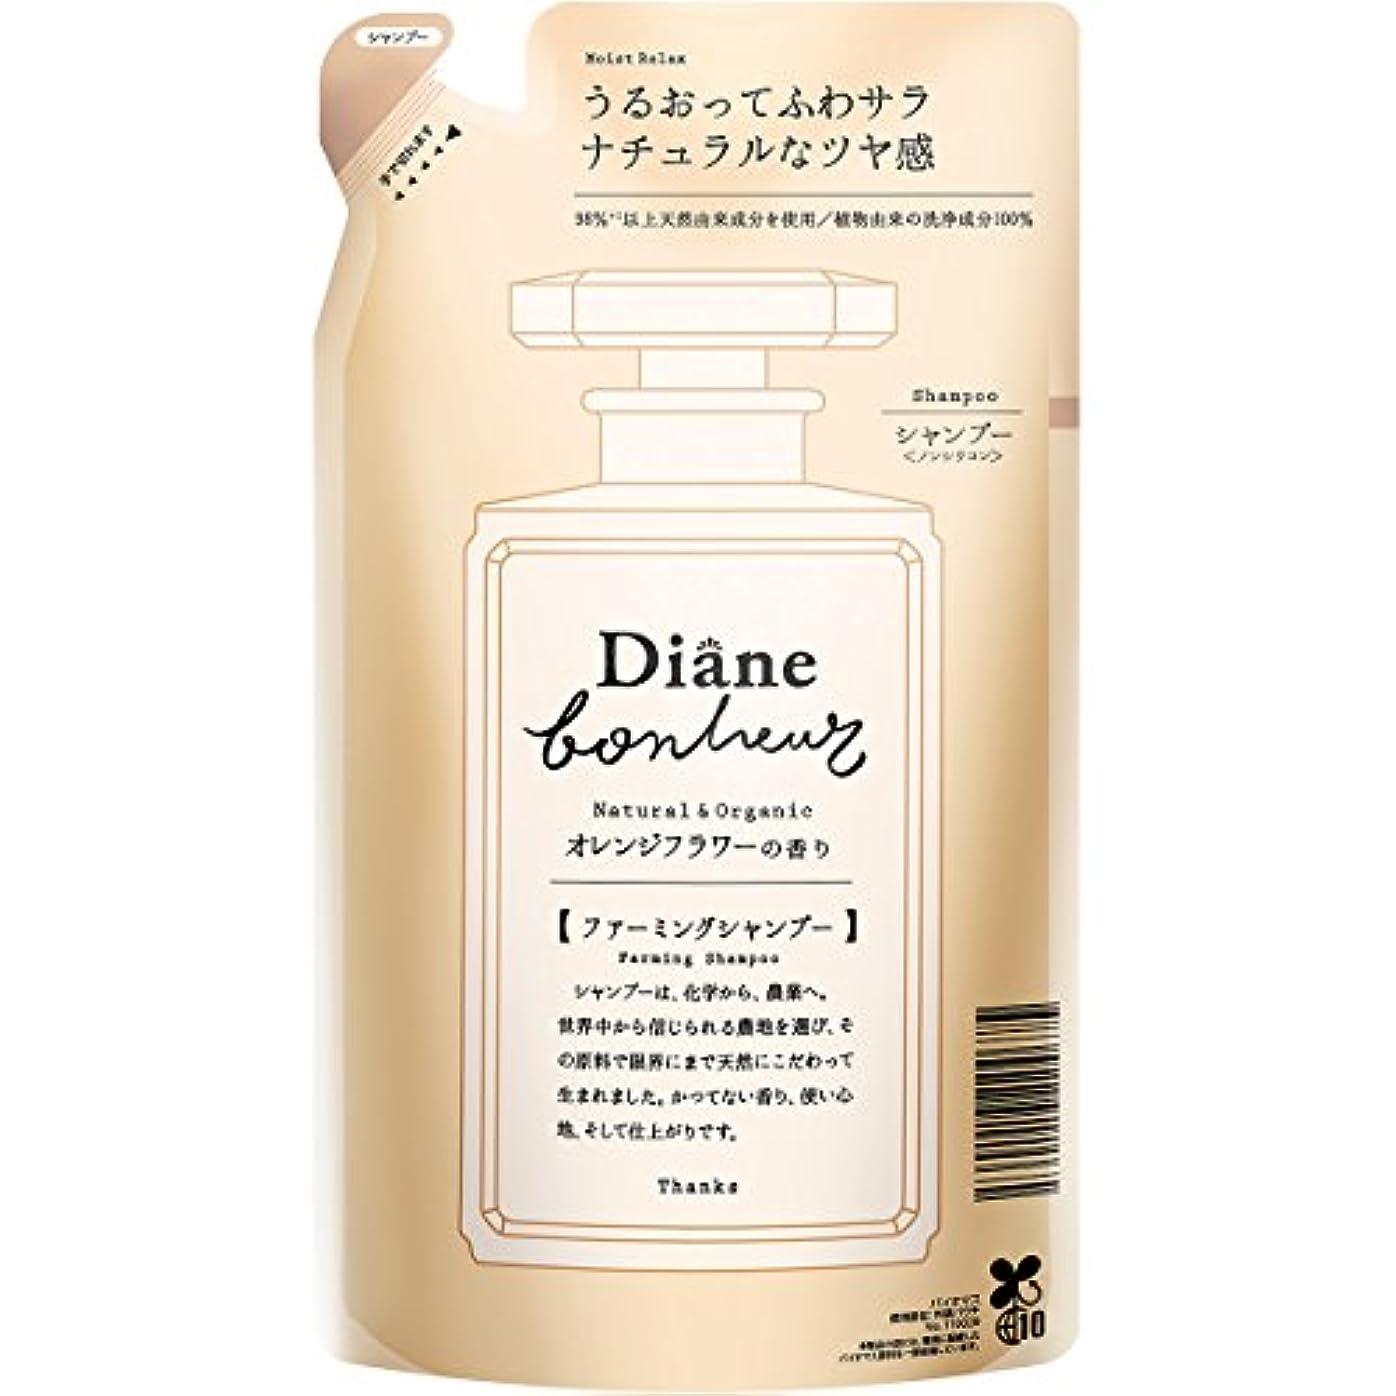 家事カカドゥ背景ダイアン ボヌール オレンジフラワーの香り モイストリラックス シャンプー 詰め替え 400ml